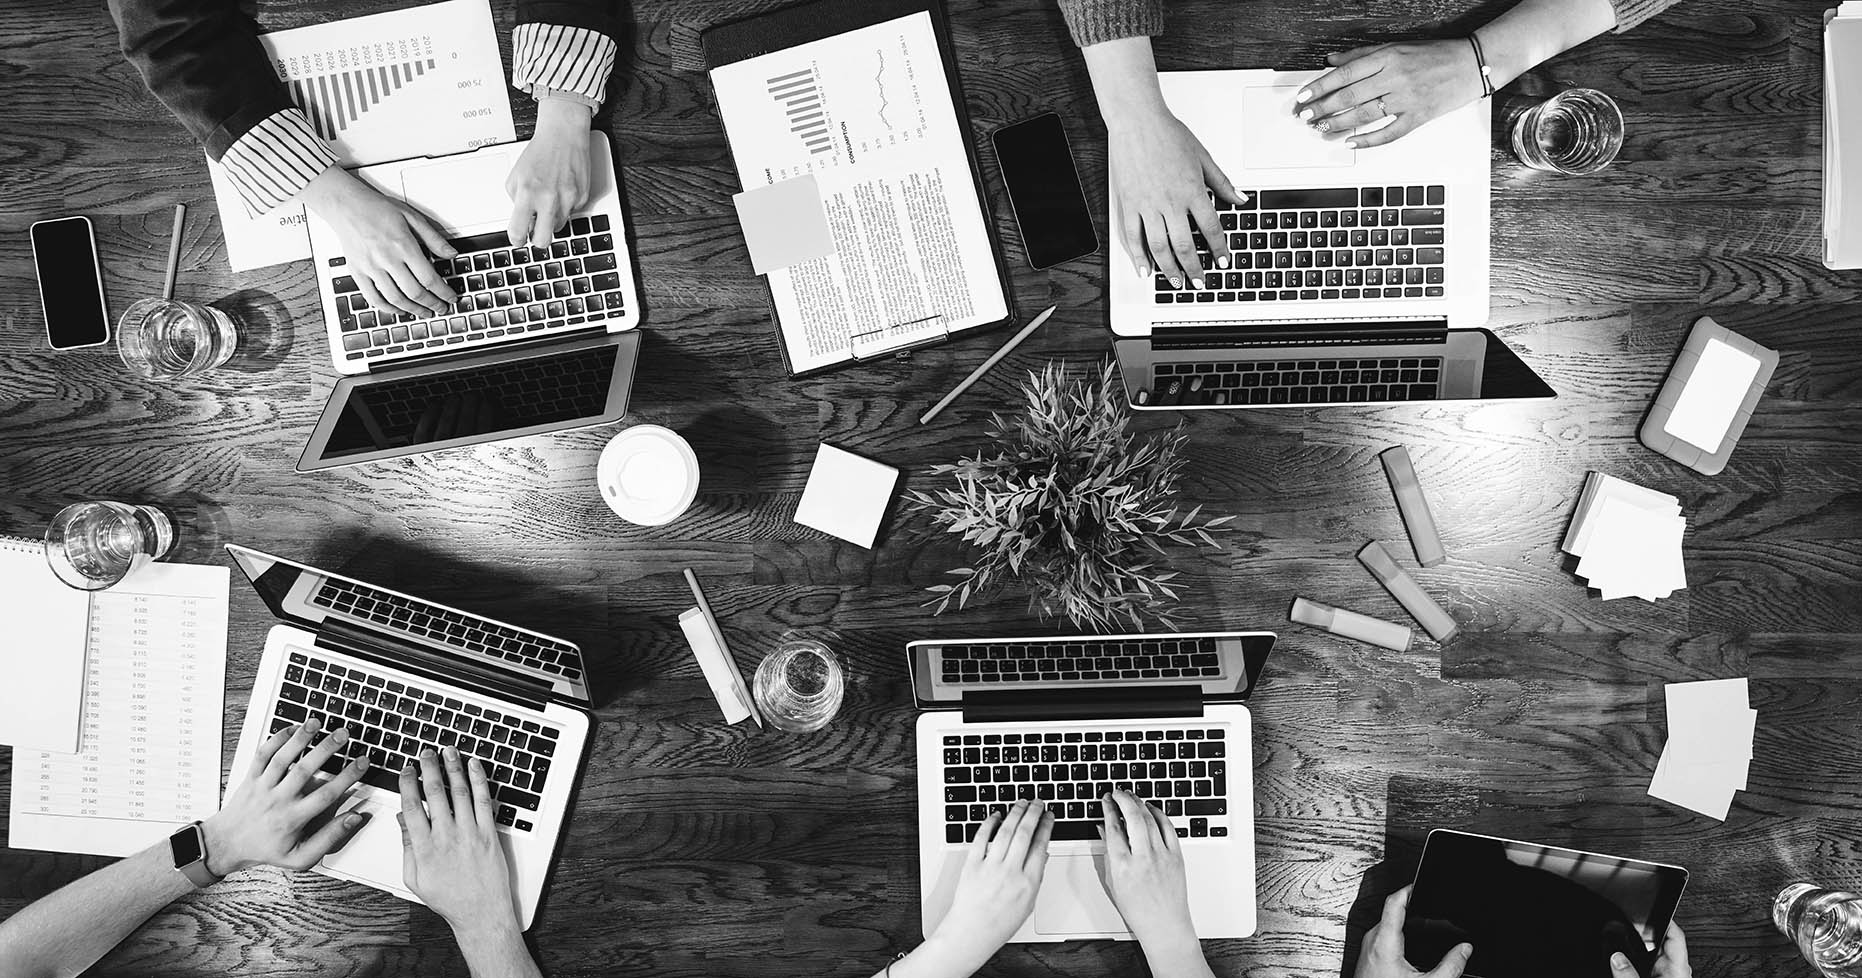 Johnny Be Good – Gemeinsam am Erfolg arbeiten | Werbeagentur, Markenwerft & Lifestyleschmiede